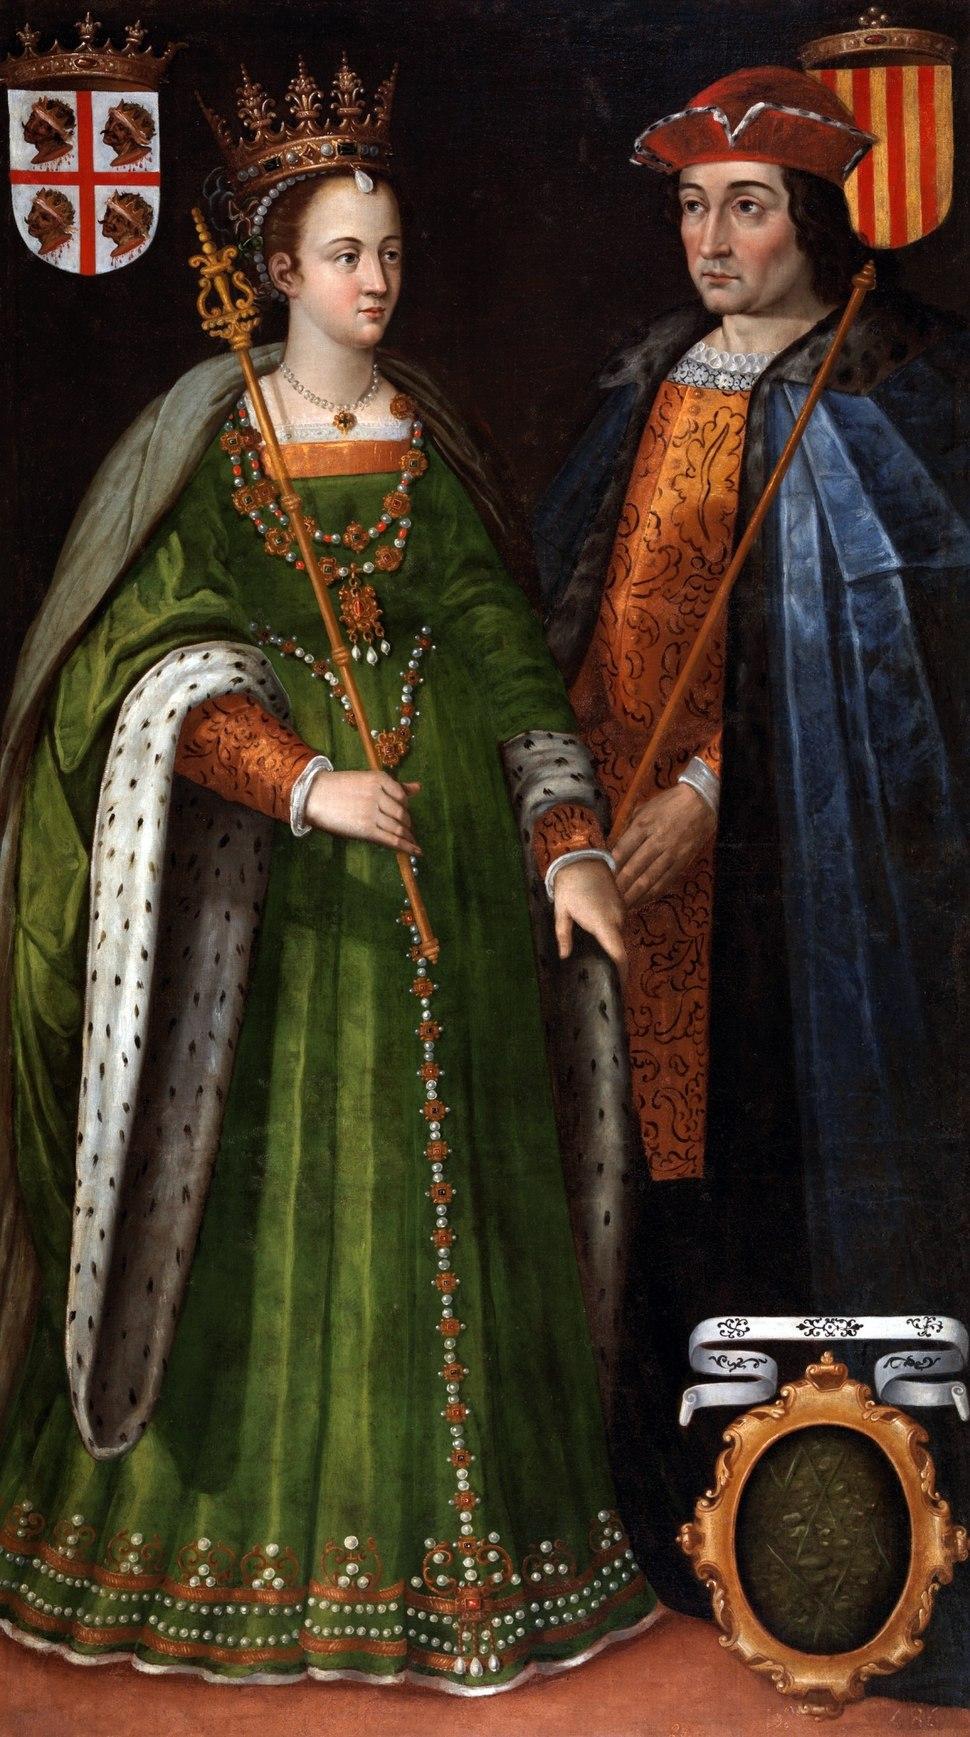 Còpia de 1634 del retrat imaginari de la reina Peronella d'Aragó i elcomte Ramon Berenguer IV de Barcelona - Filippo Ariosto (1586-1587)